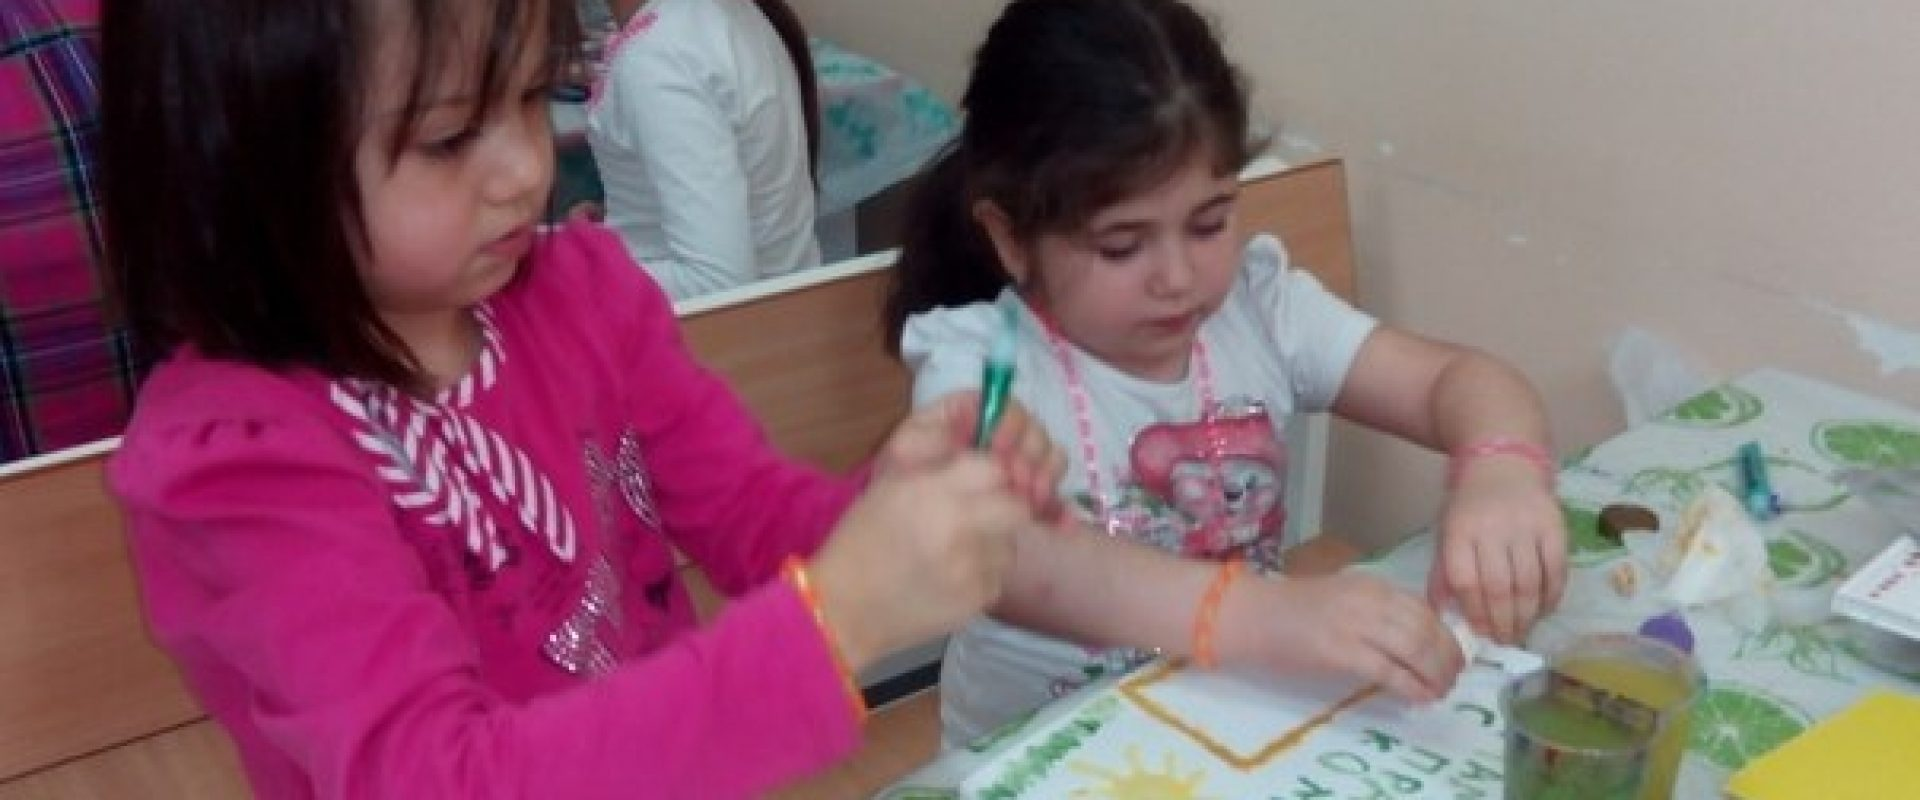 Волонтеры и дети в больнице